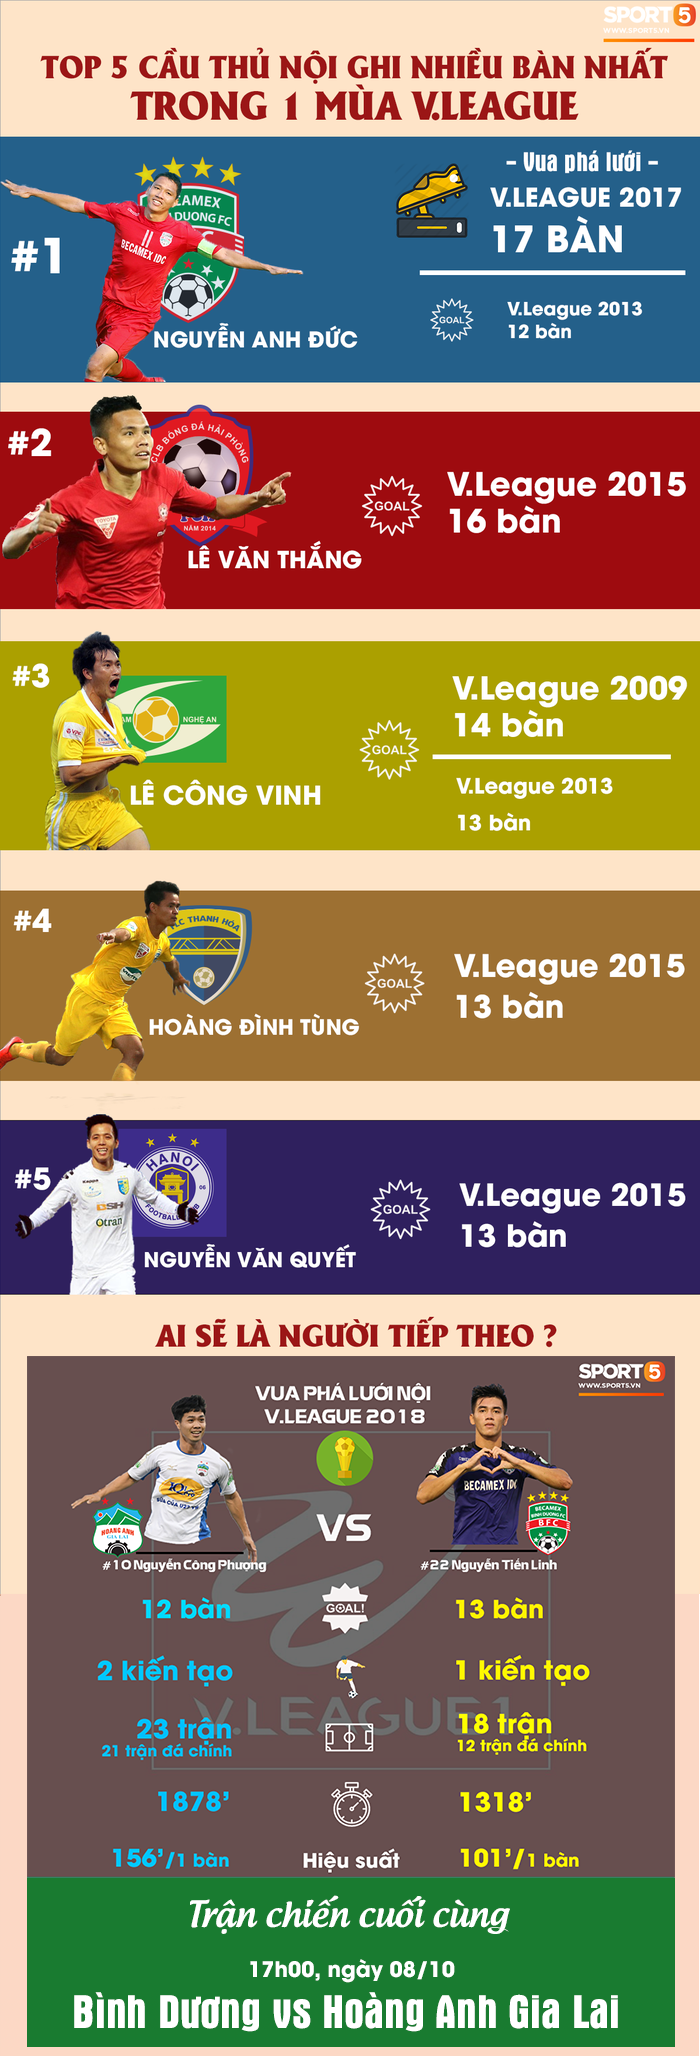 Công Phượng, Tiến Linh có cơ hội lọt top 5 chân sút nội hay nhất lịch sử V.League - Ảnh 1.